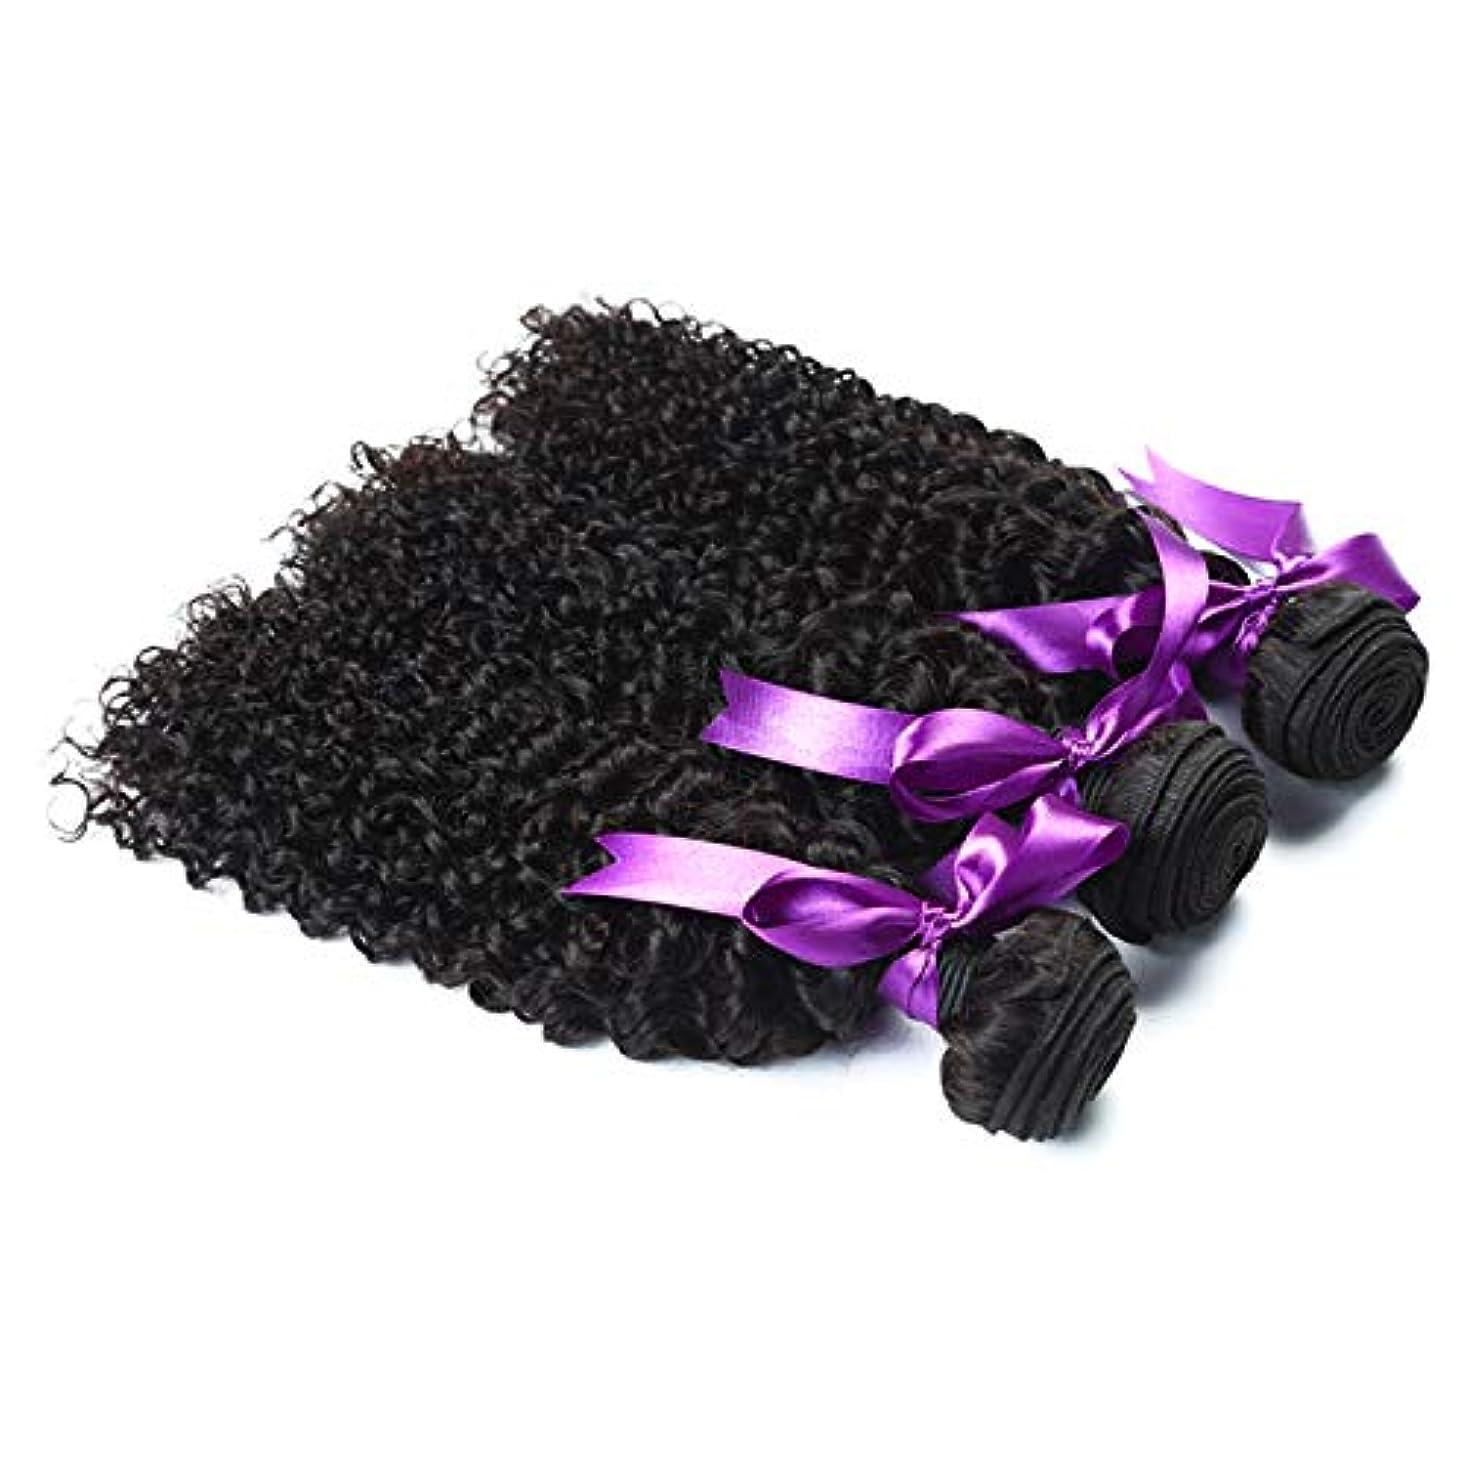 エンジニア許容できる時間厳守マレーシアの変態巻き毛3束お得な価格非Remy人間の髪織りエクステンションナチュラルブラック人間の髪の毛のかつら (Length : 10 12 12)